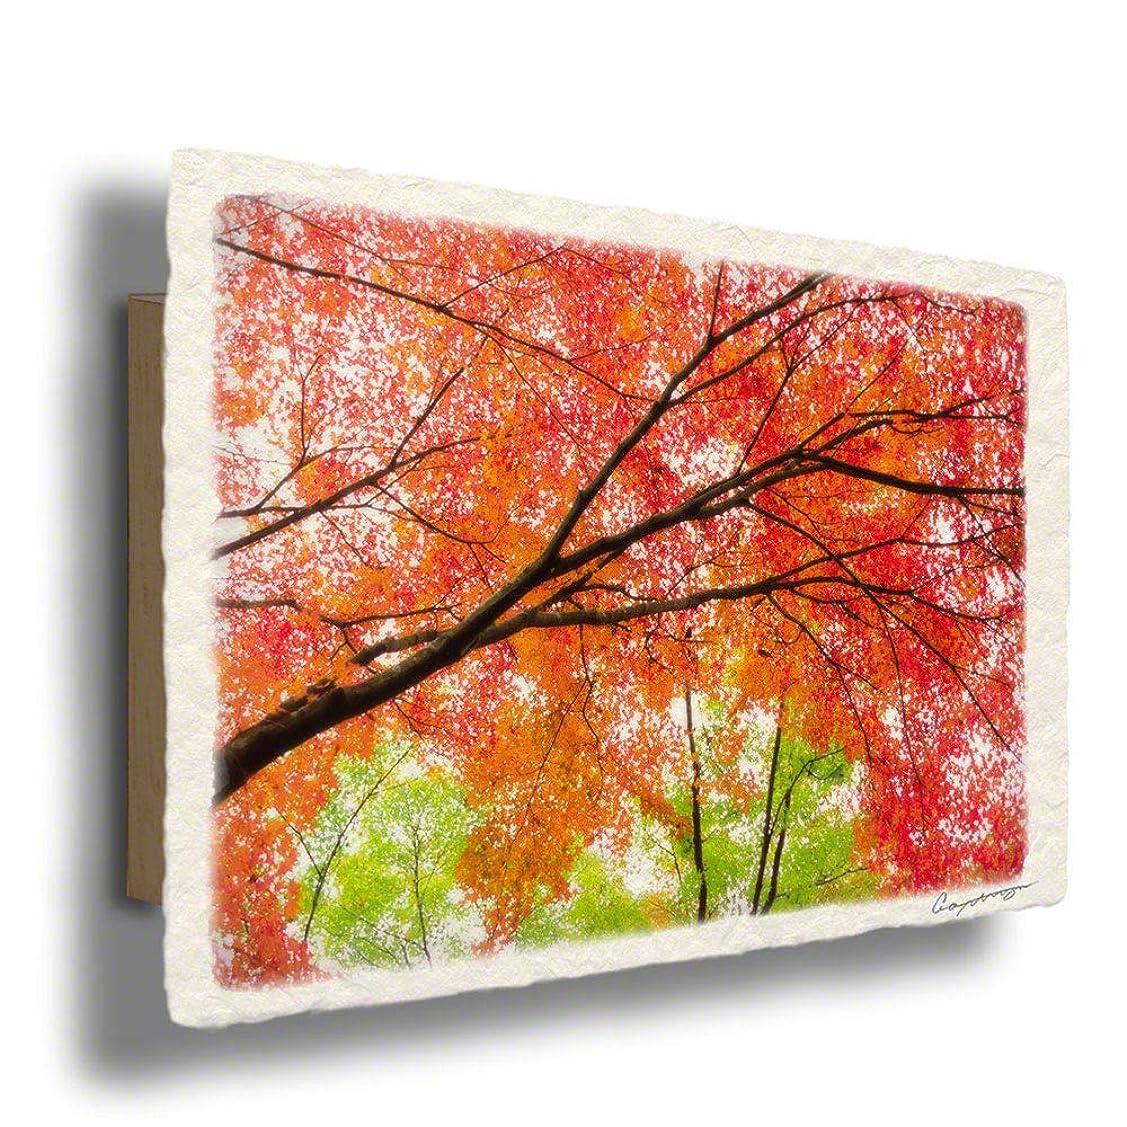 手すき 和紙 アートパネル 木製パネル付 秋 赤 木 森 「一面の赤と緑のモミジ」60x40cm 絵 絵画 インテリア 壁掛け 壁飾り 風水 玄関